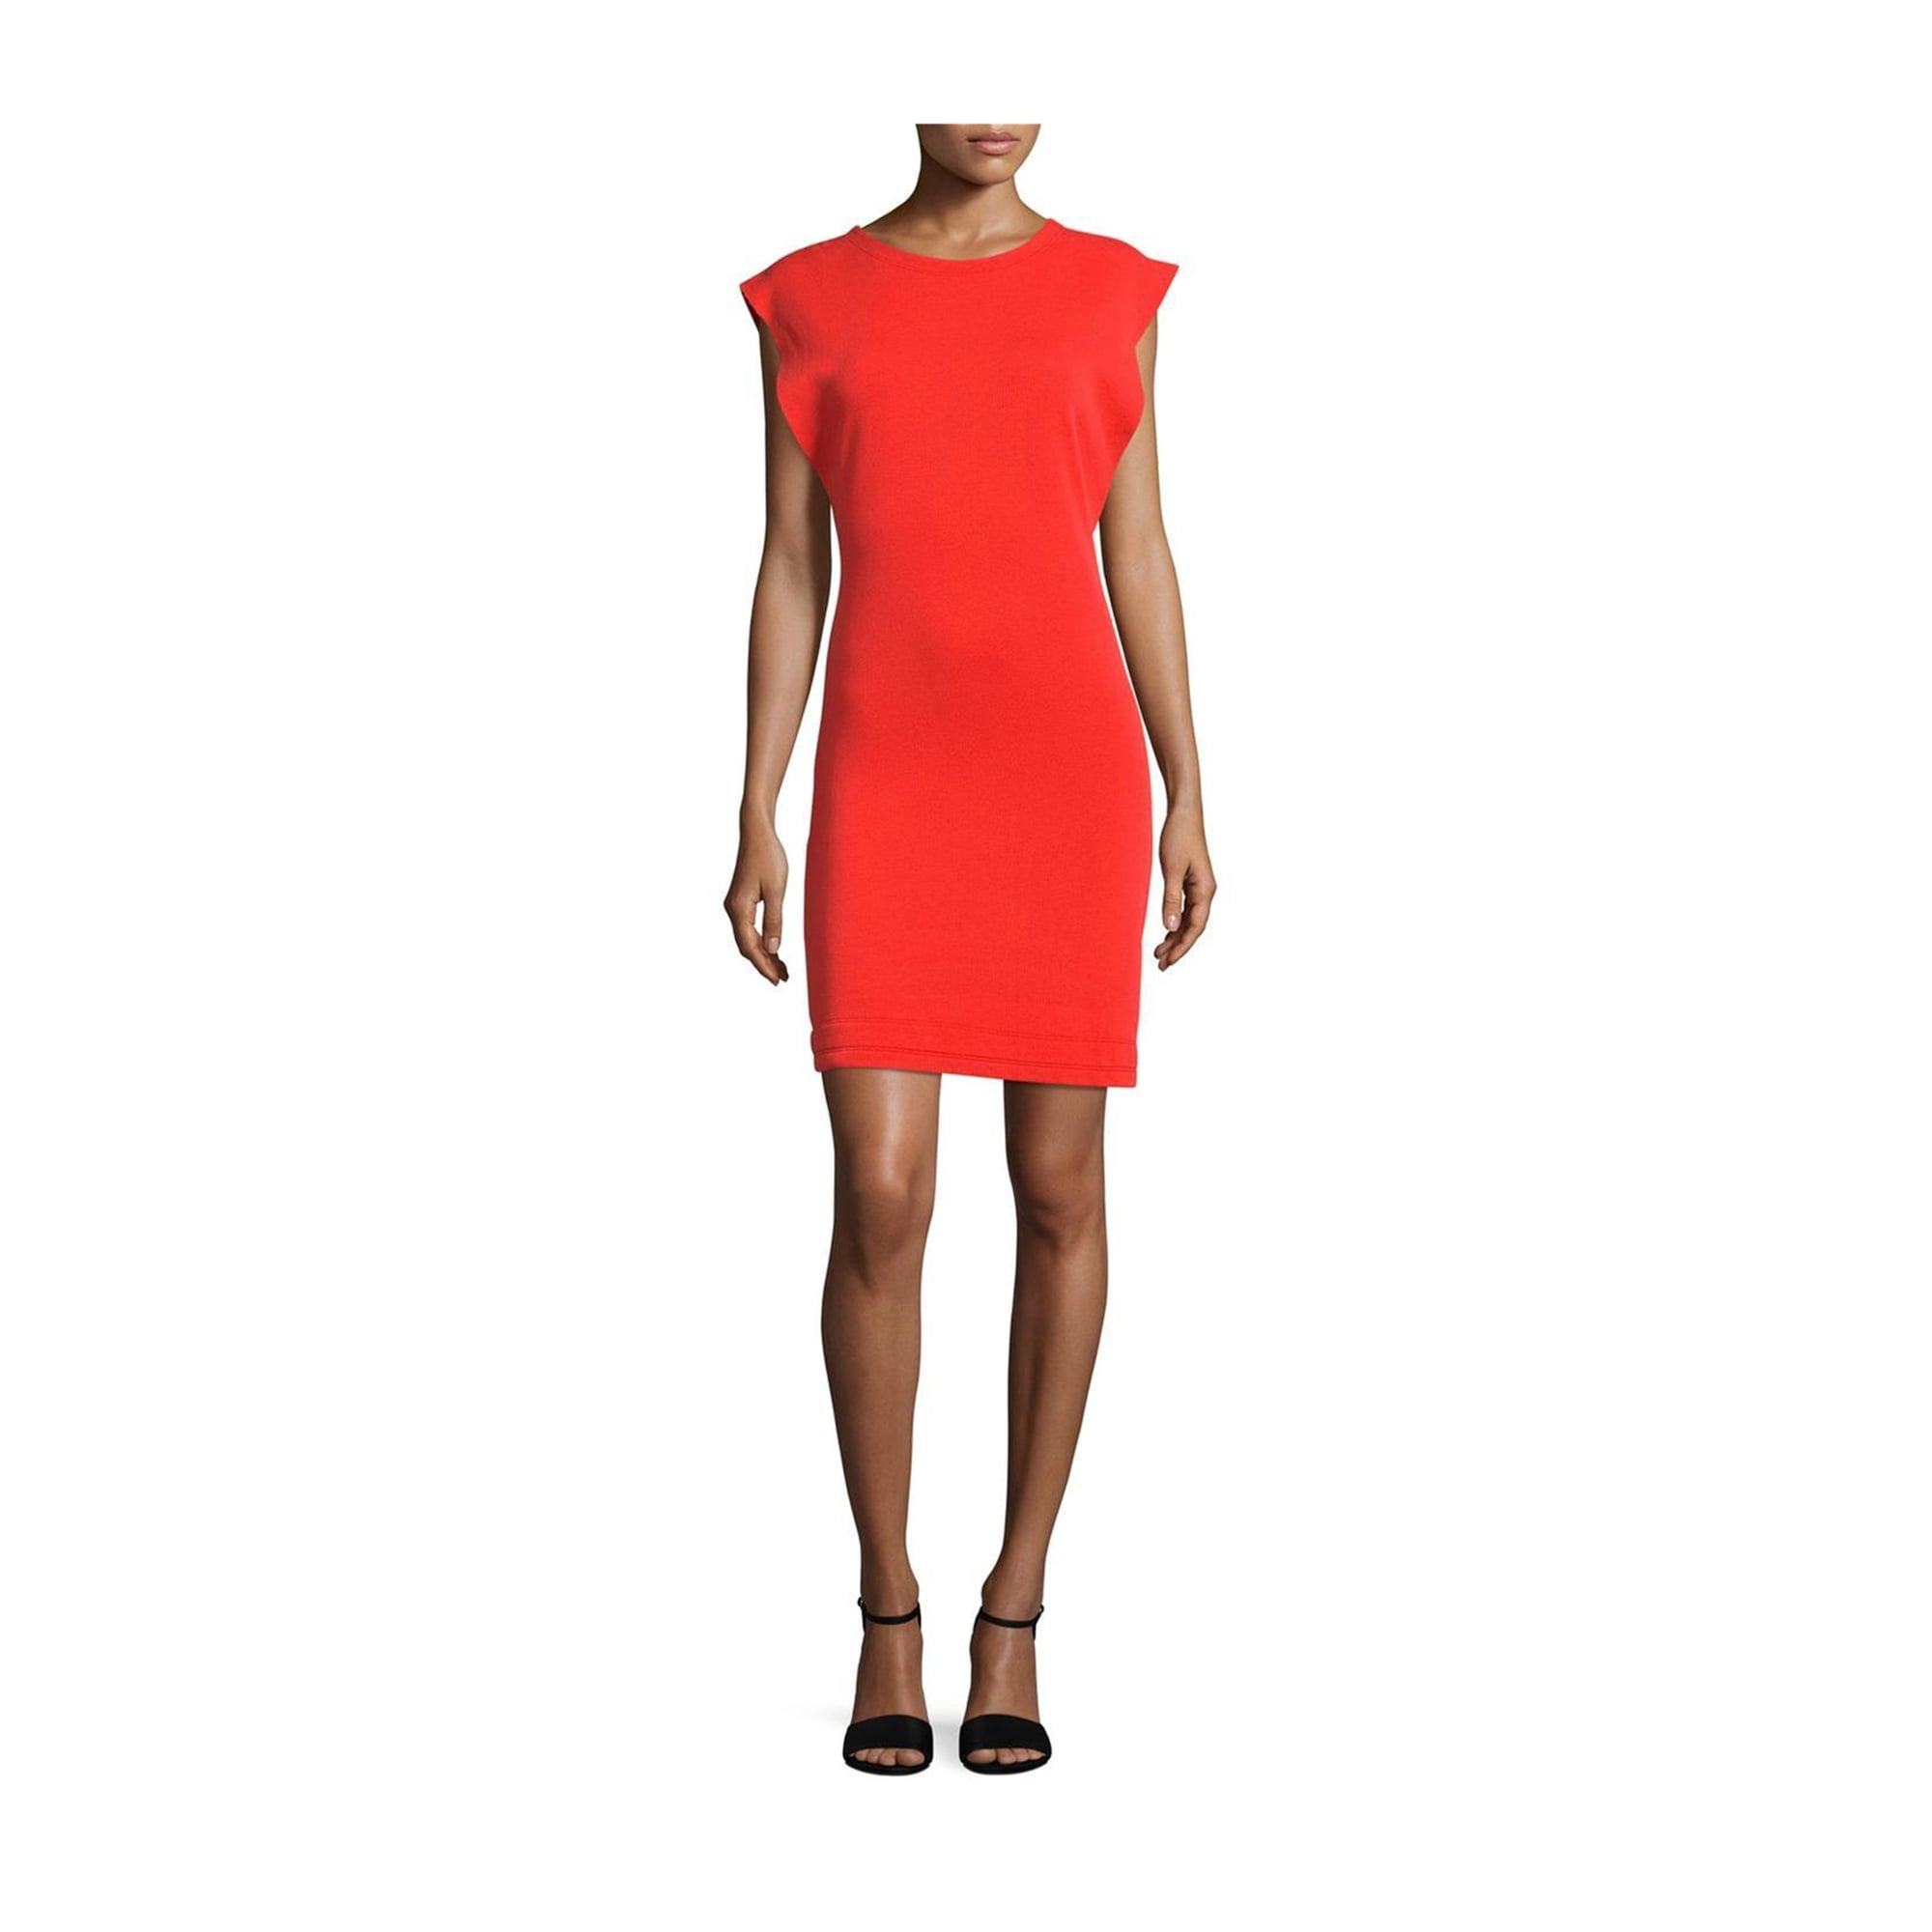 e77195d3eb3 Free People Womens Britt Fleece Cut-Out Sweater Dress red S ...